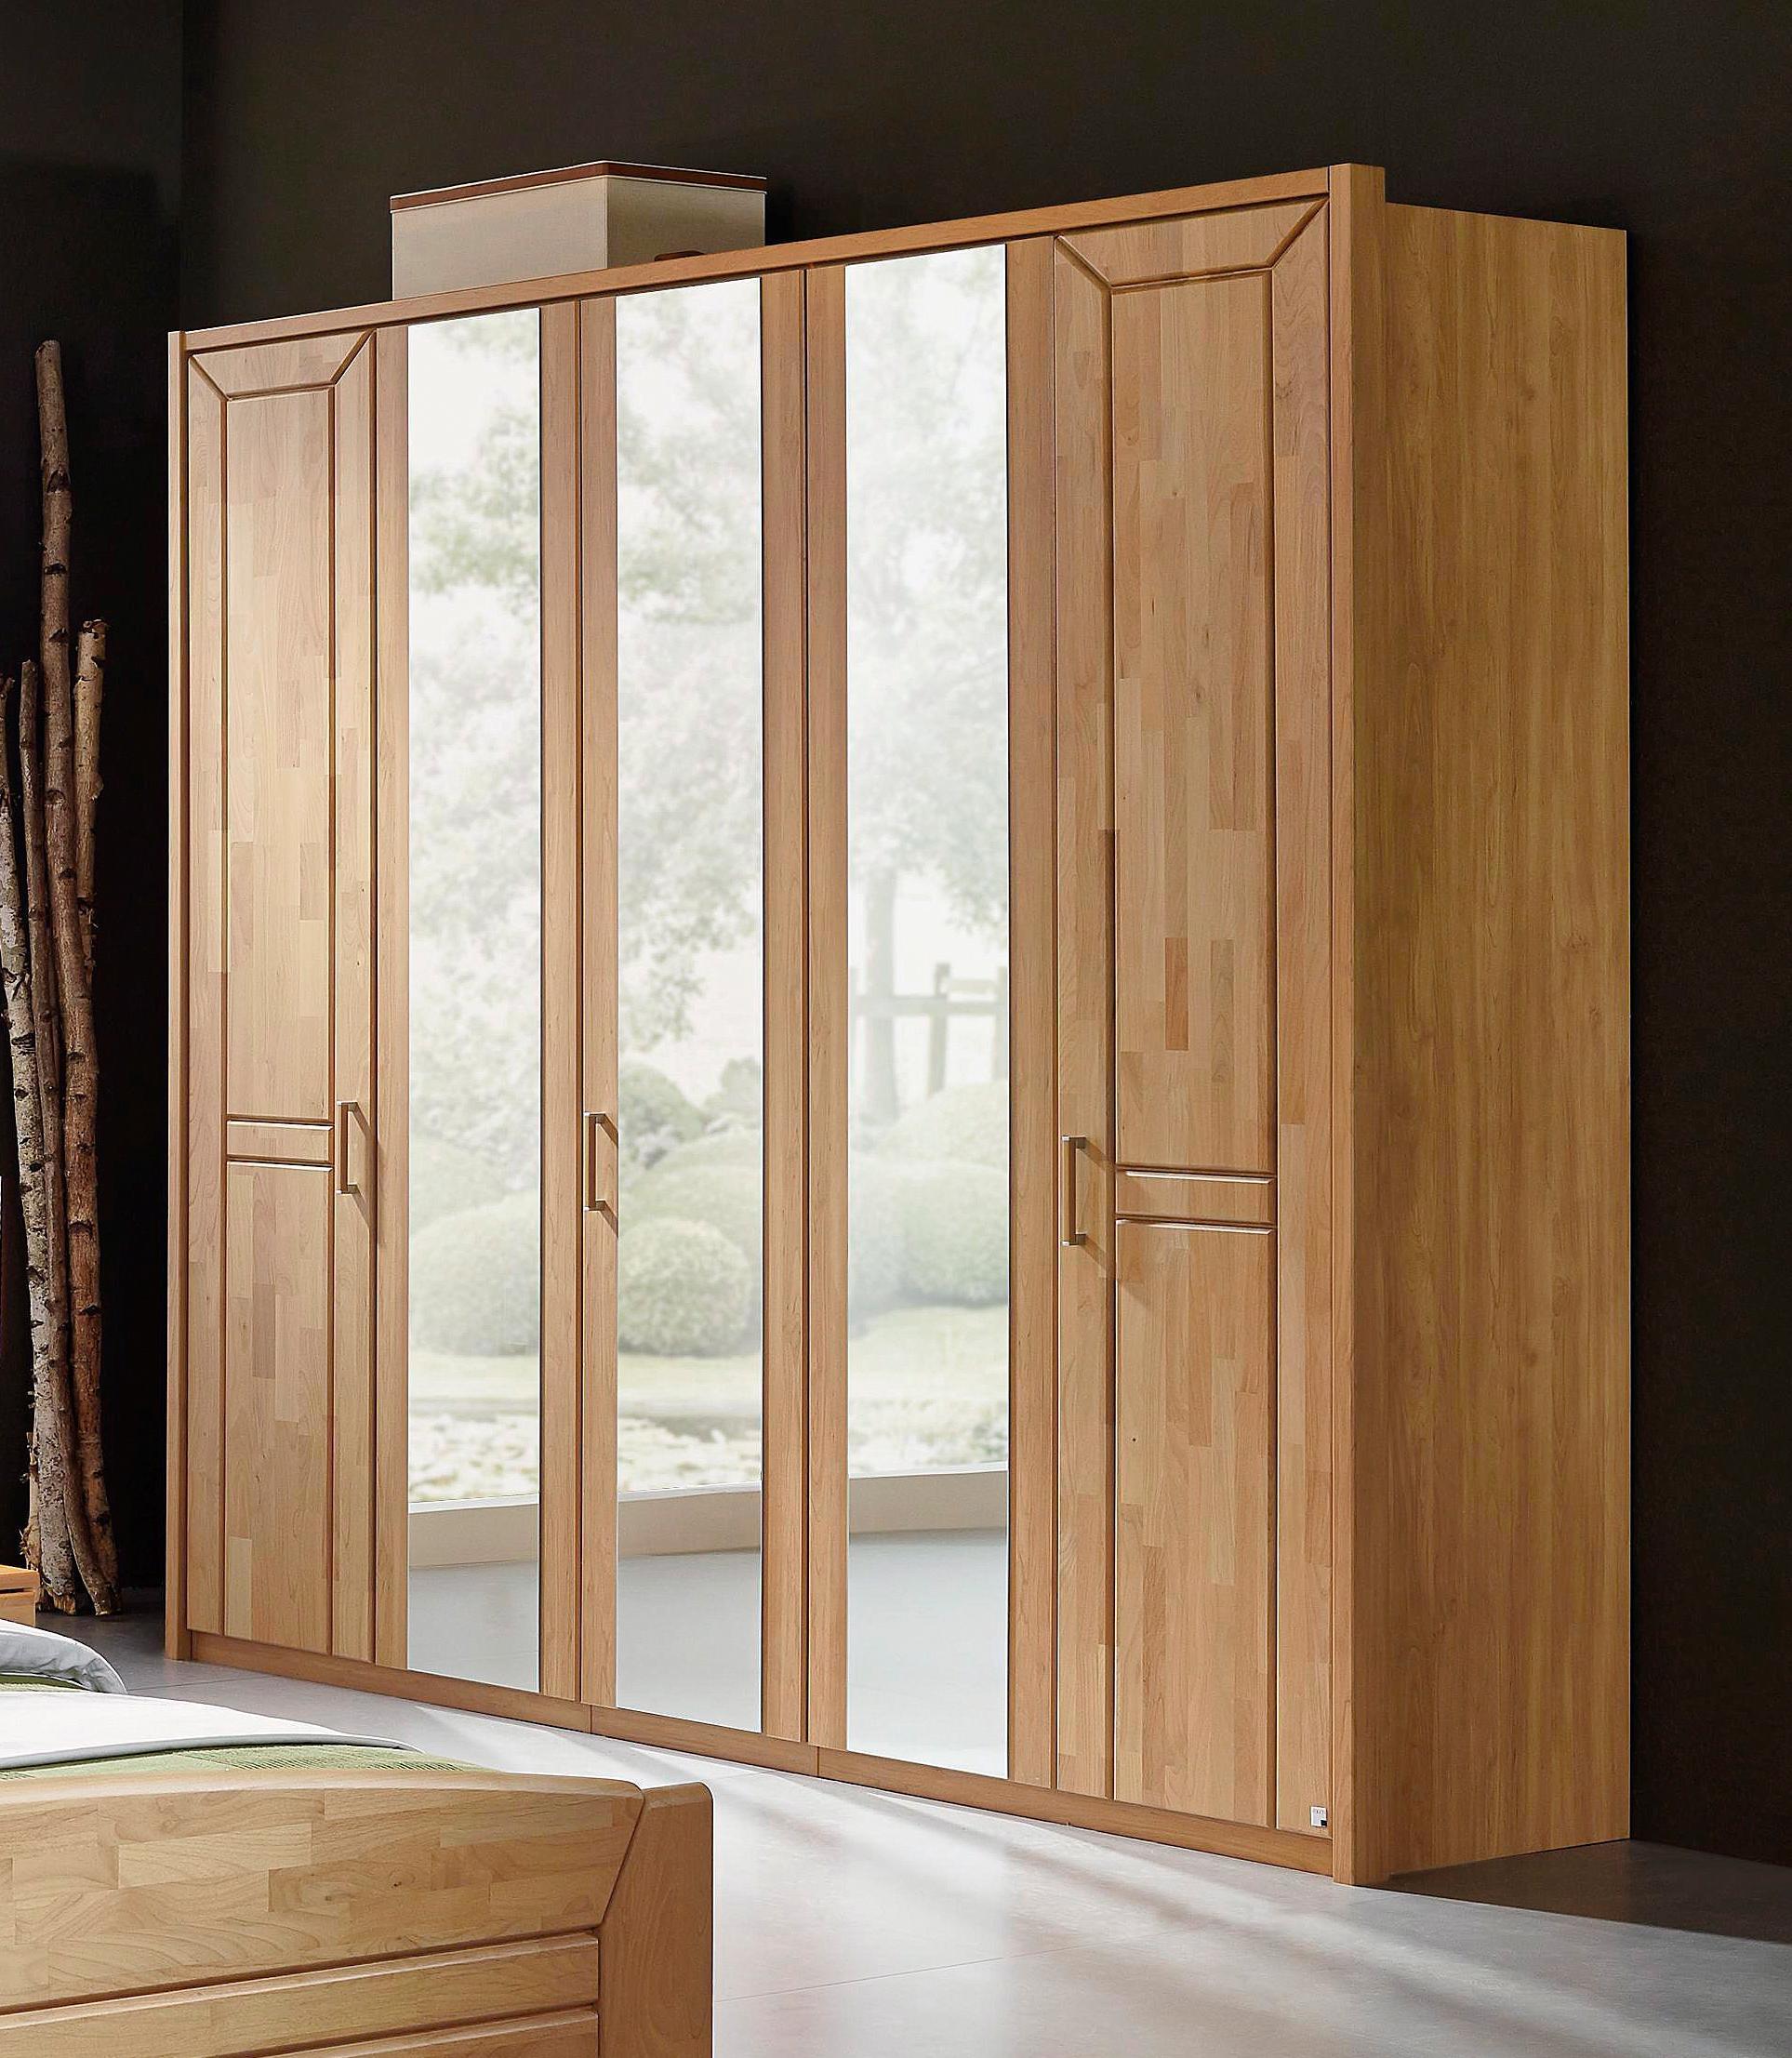 kleiderschrank buche massiv 3 t rig preisvergleich die. Black Bedroom Furniture Sets. Home Design Ideas